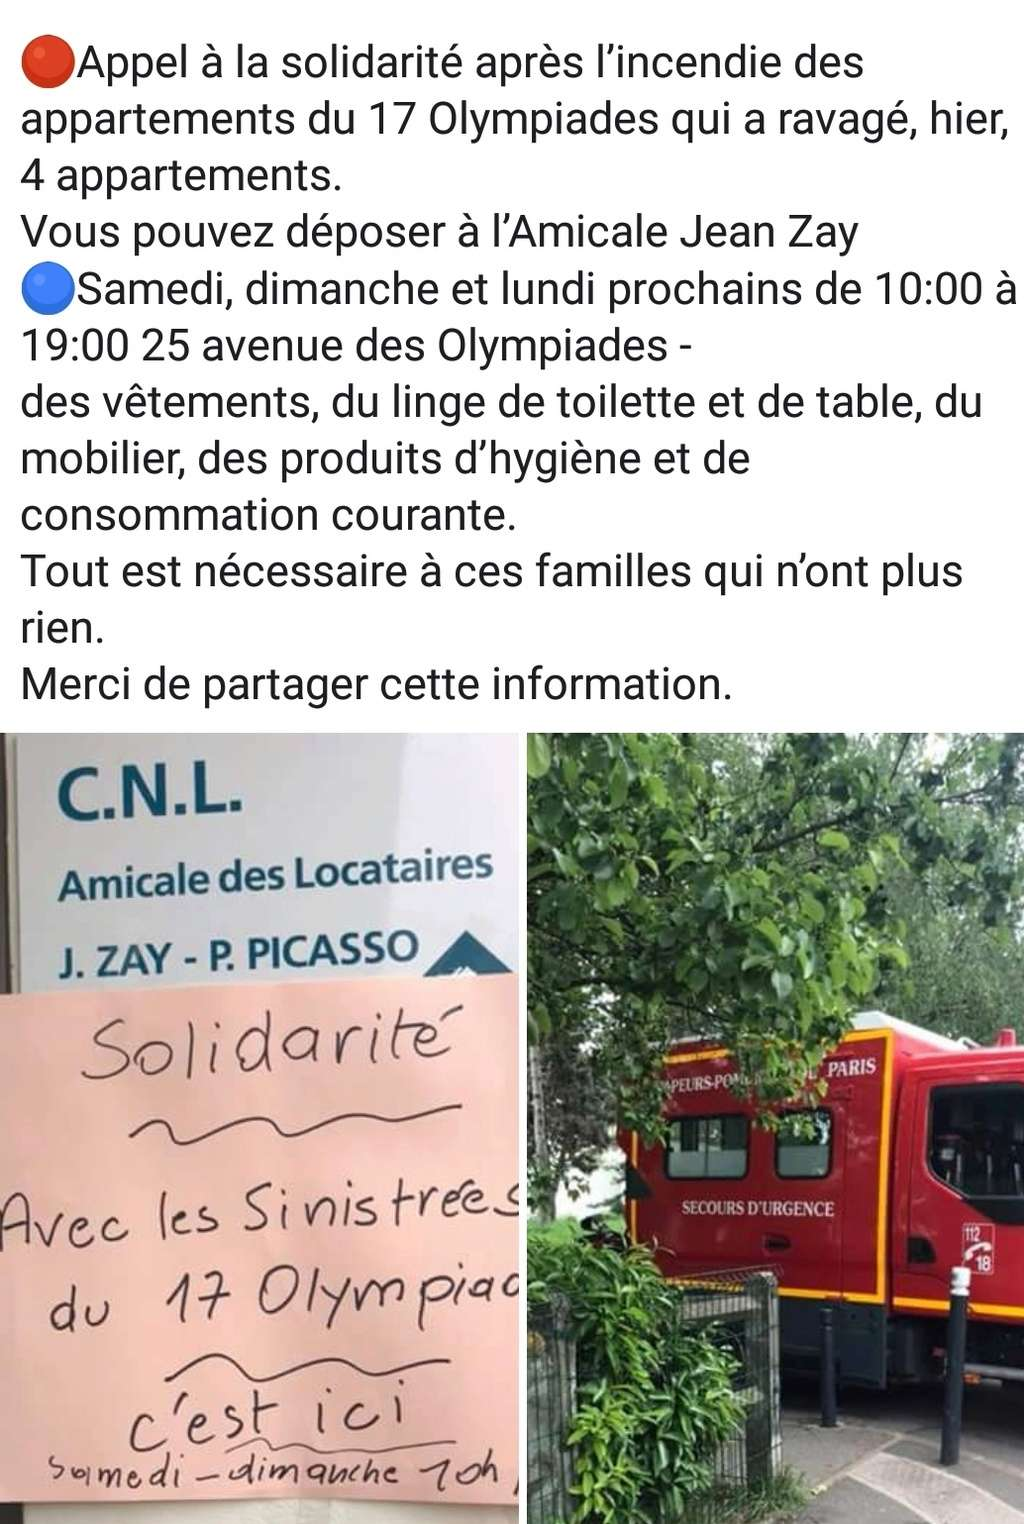 Incendie aux Maillard Jean Zay - Isolation extérieure des bâtiments - Page 3 Smarts14